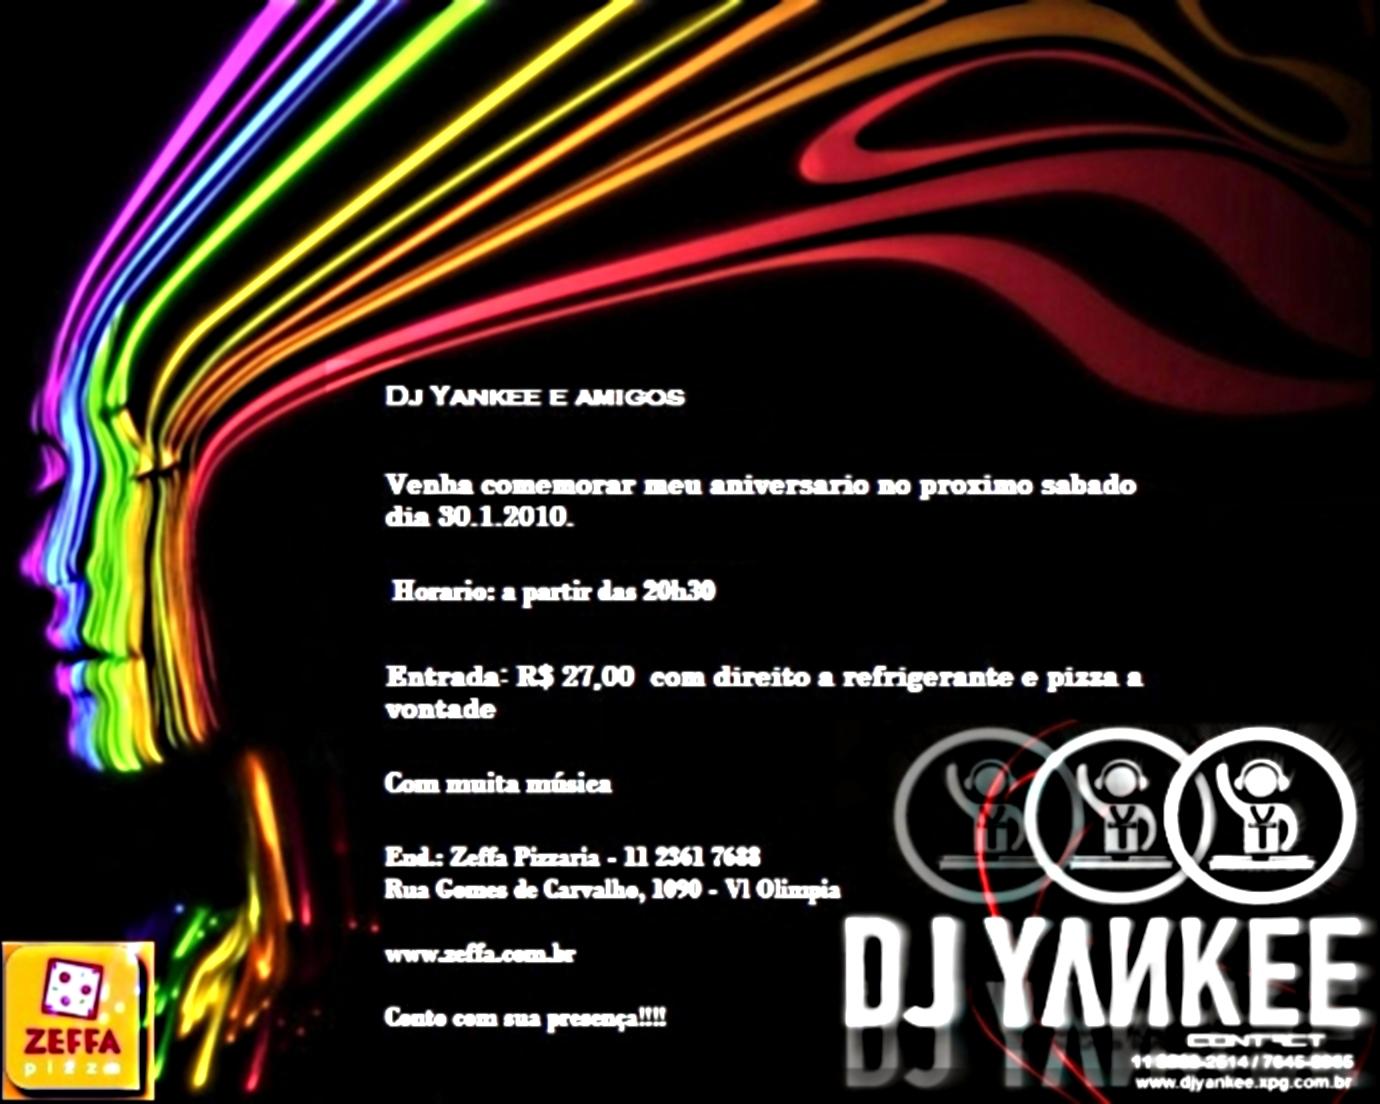 Super Flyer da Festa de Aniversário do Dj Yankee – Ecos Conteúdo TC33